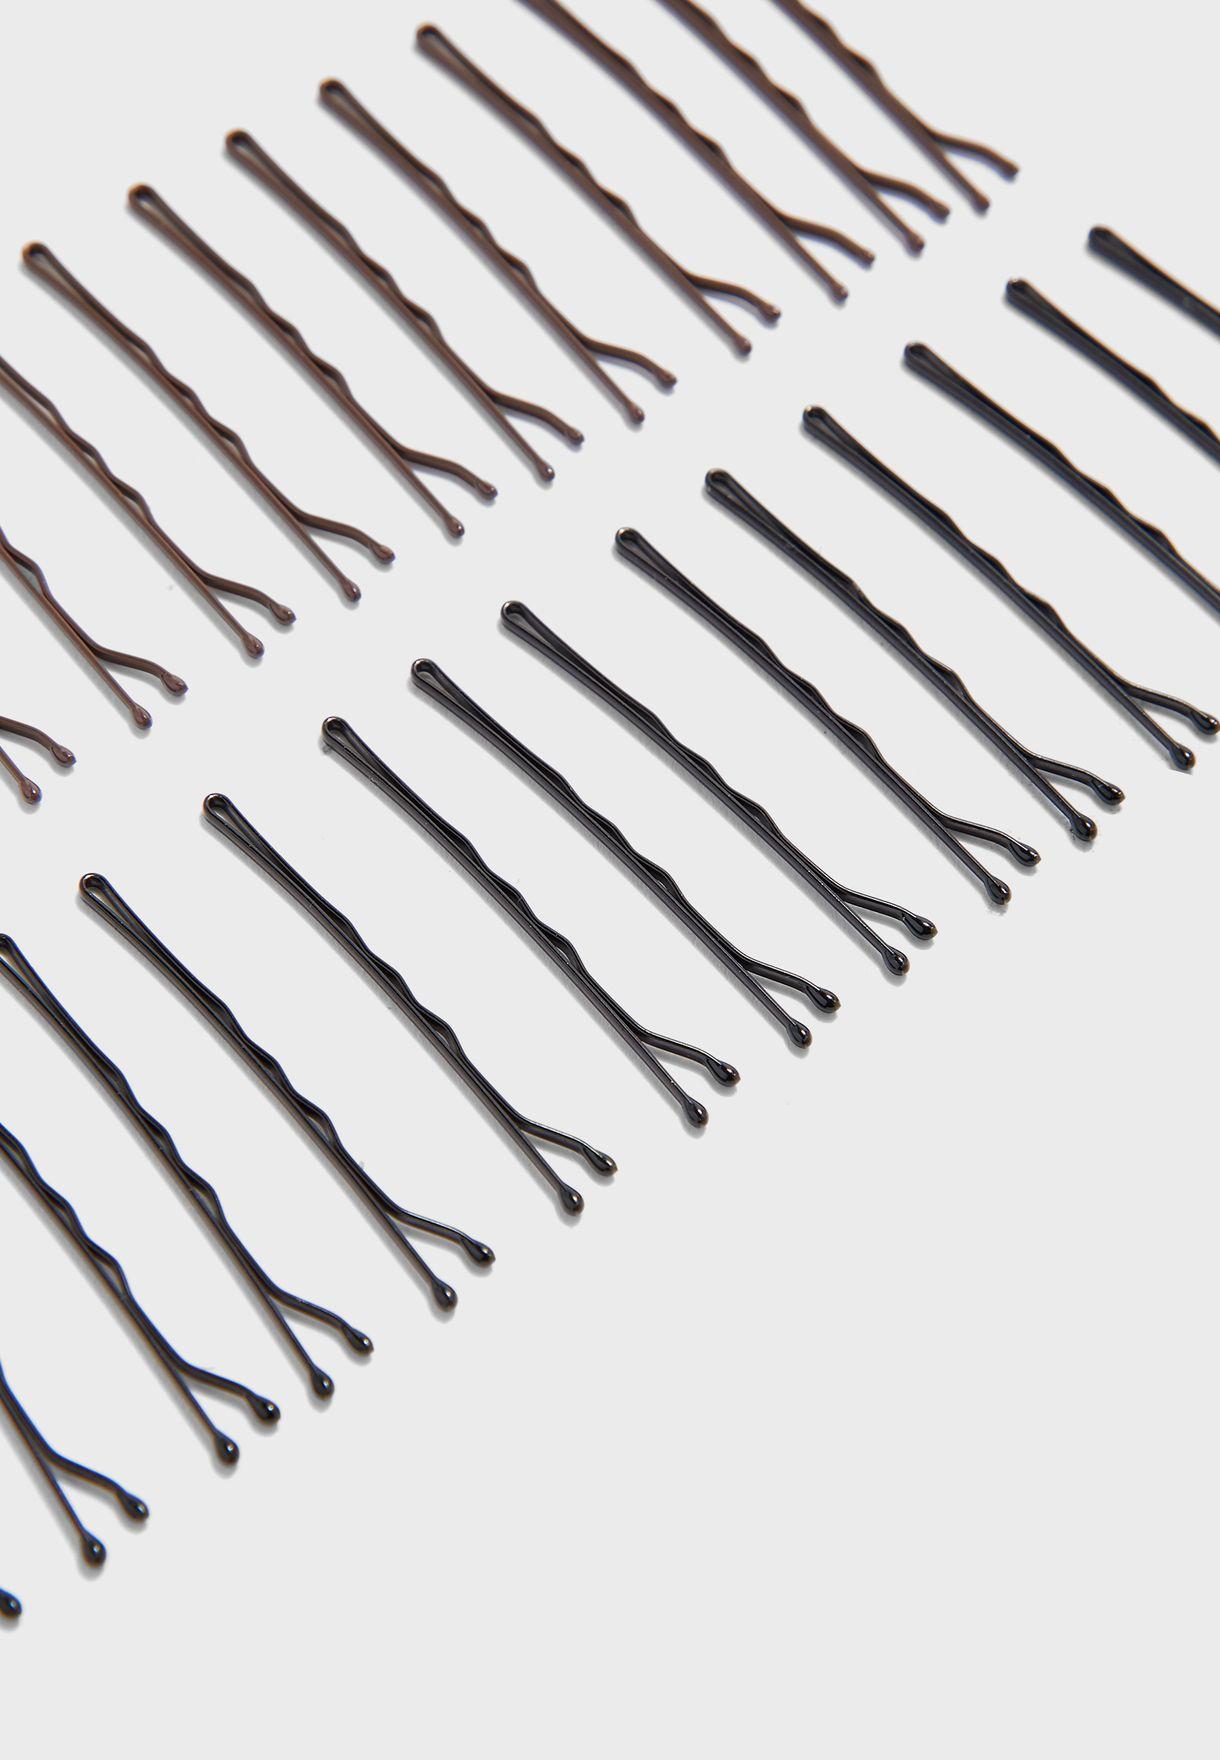 Desk Hairpins